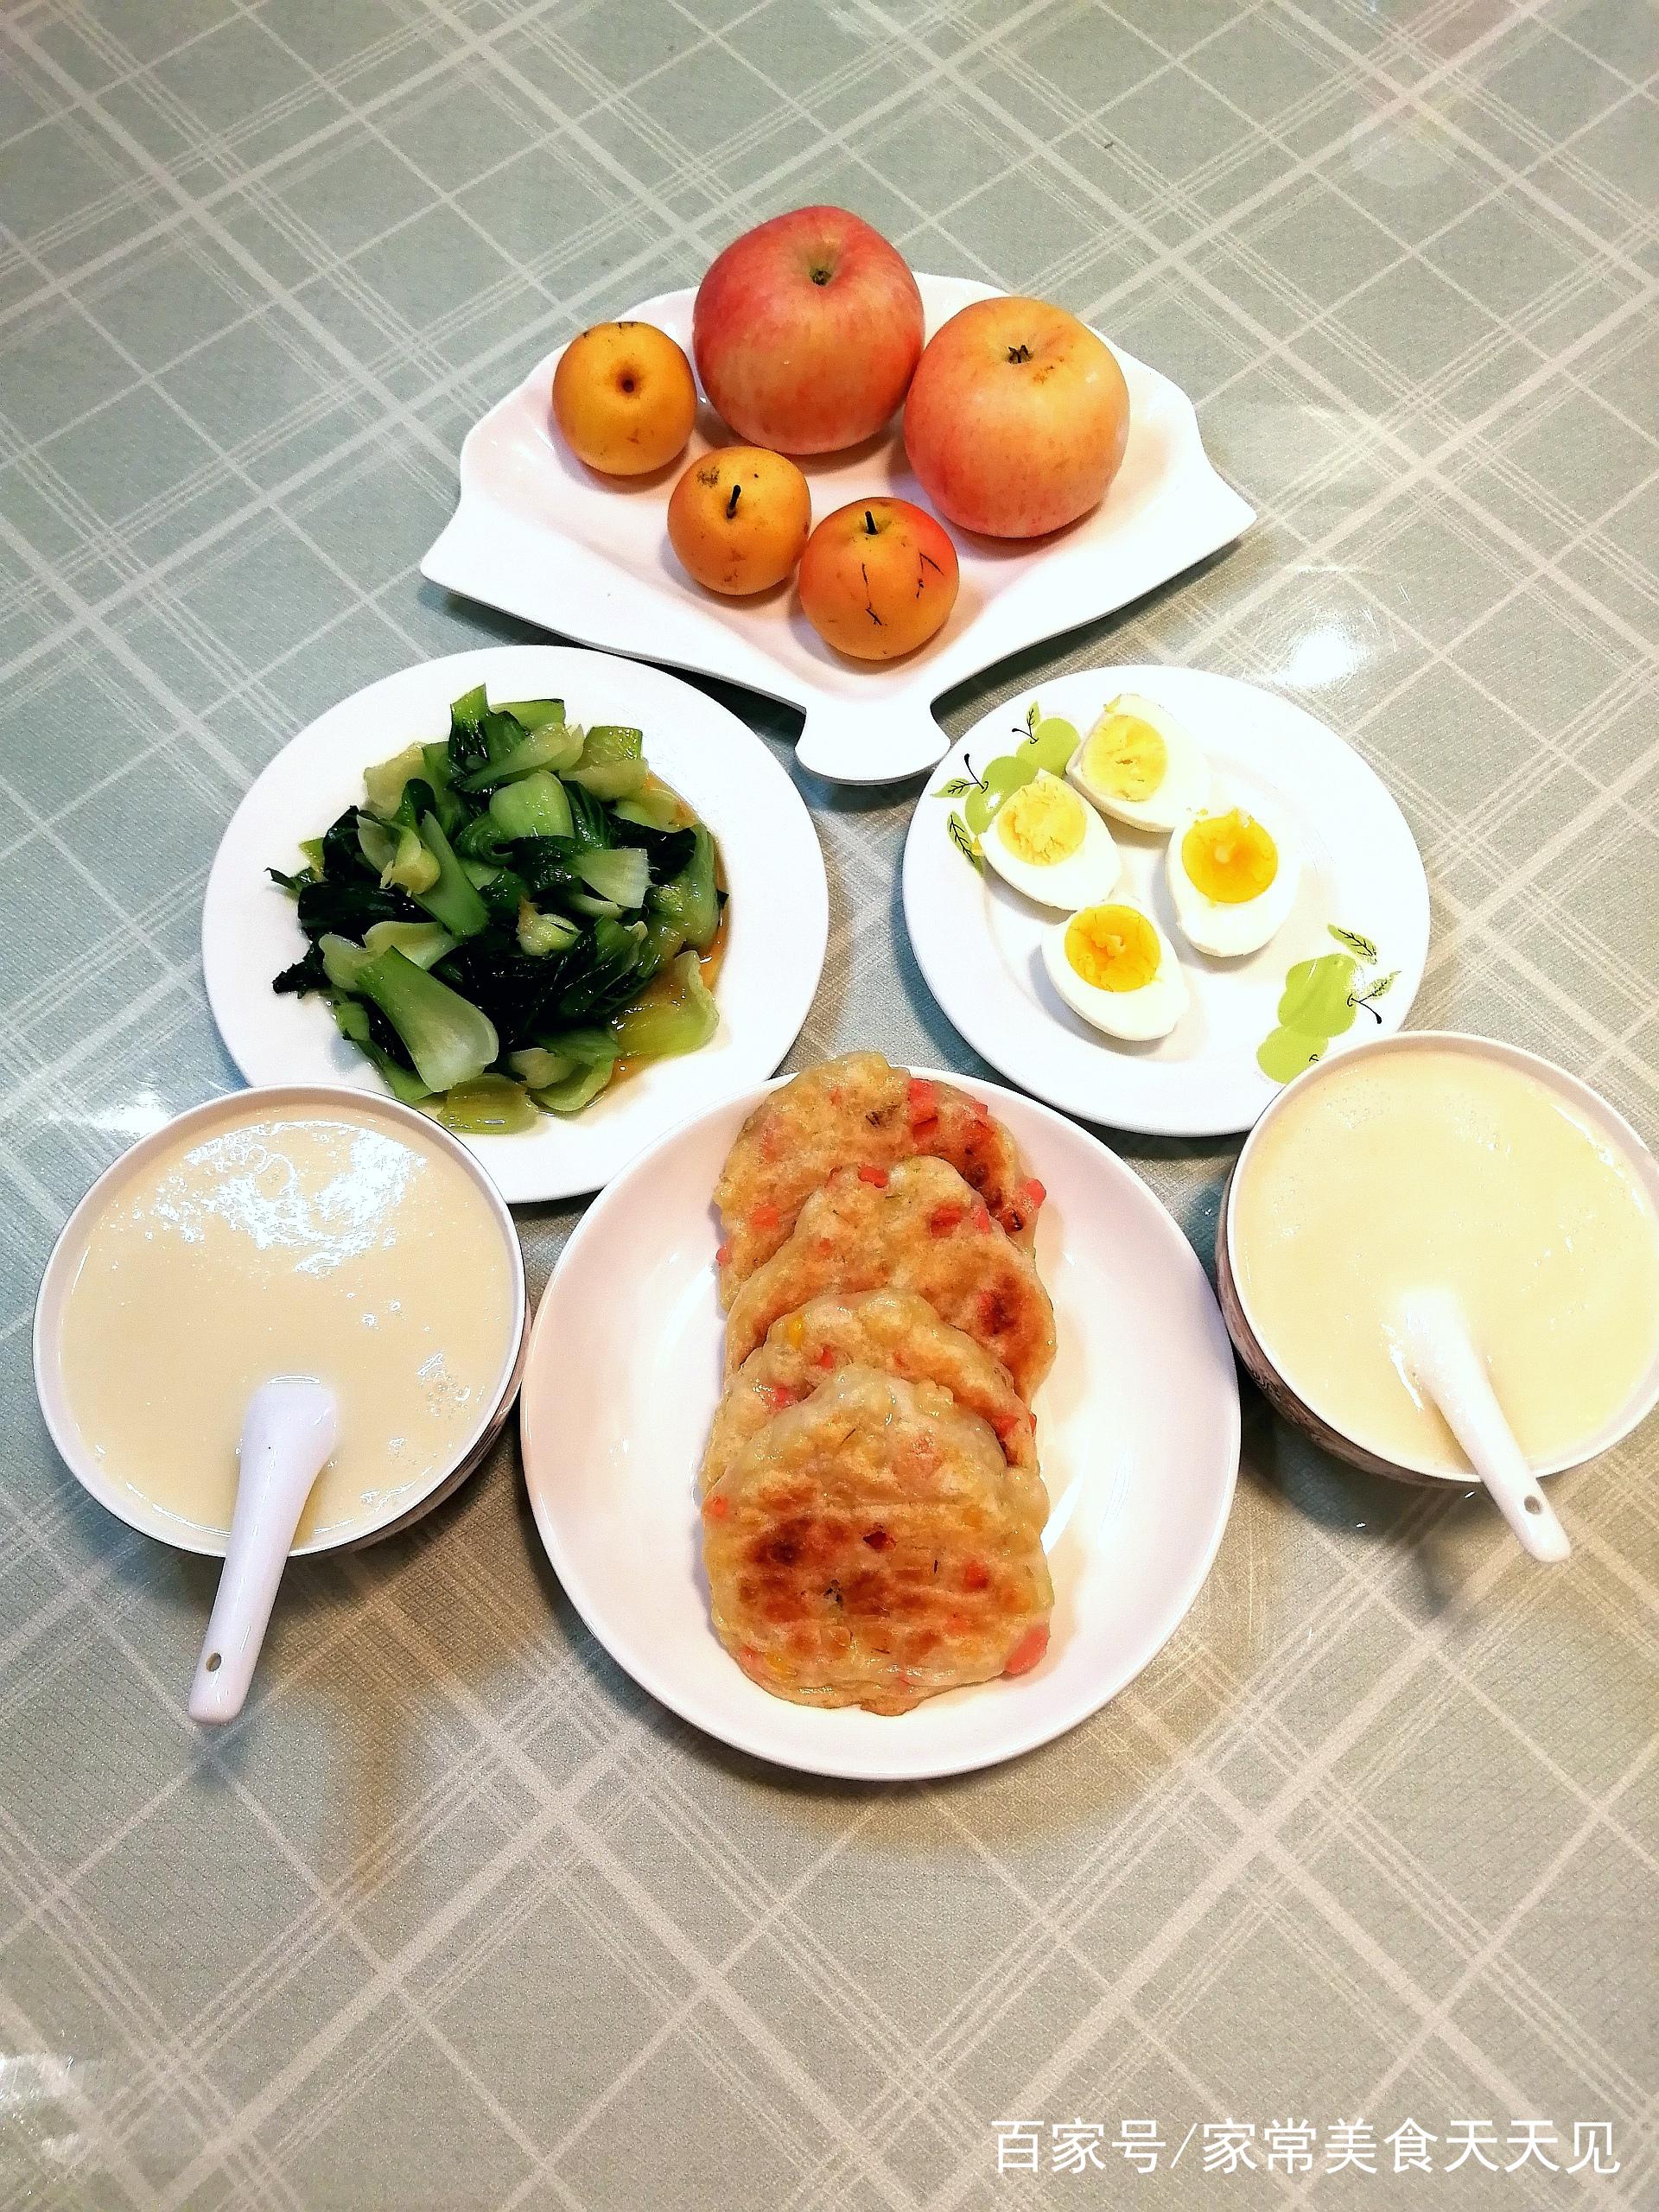 早起二十分钟做好的早餐,品种齐全,低脂肪低热量,真正的减肥餐